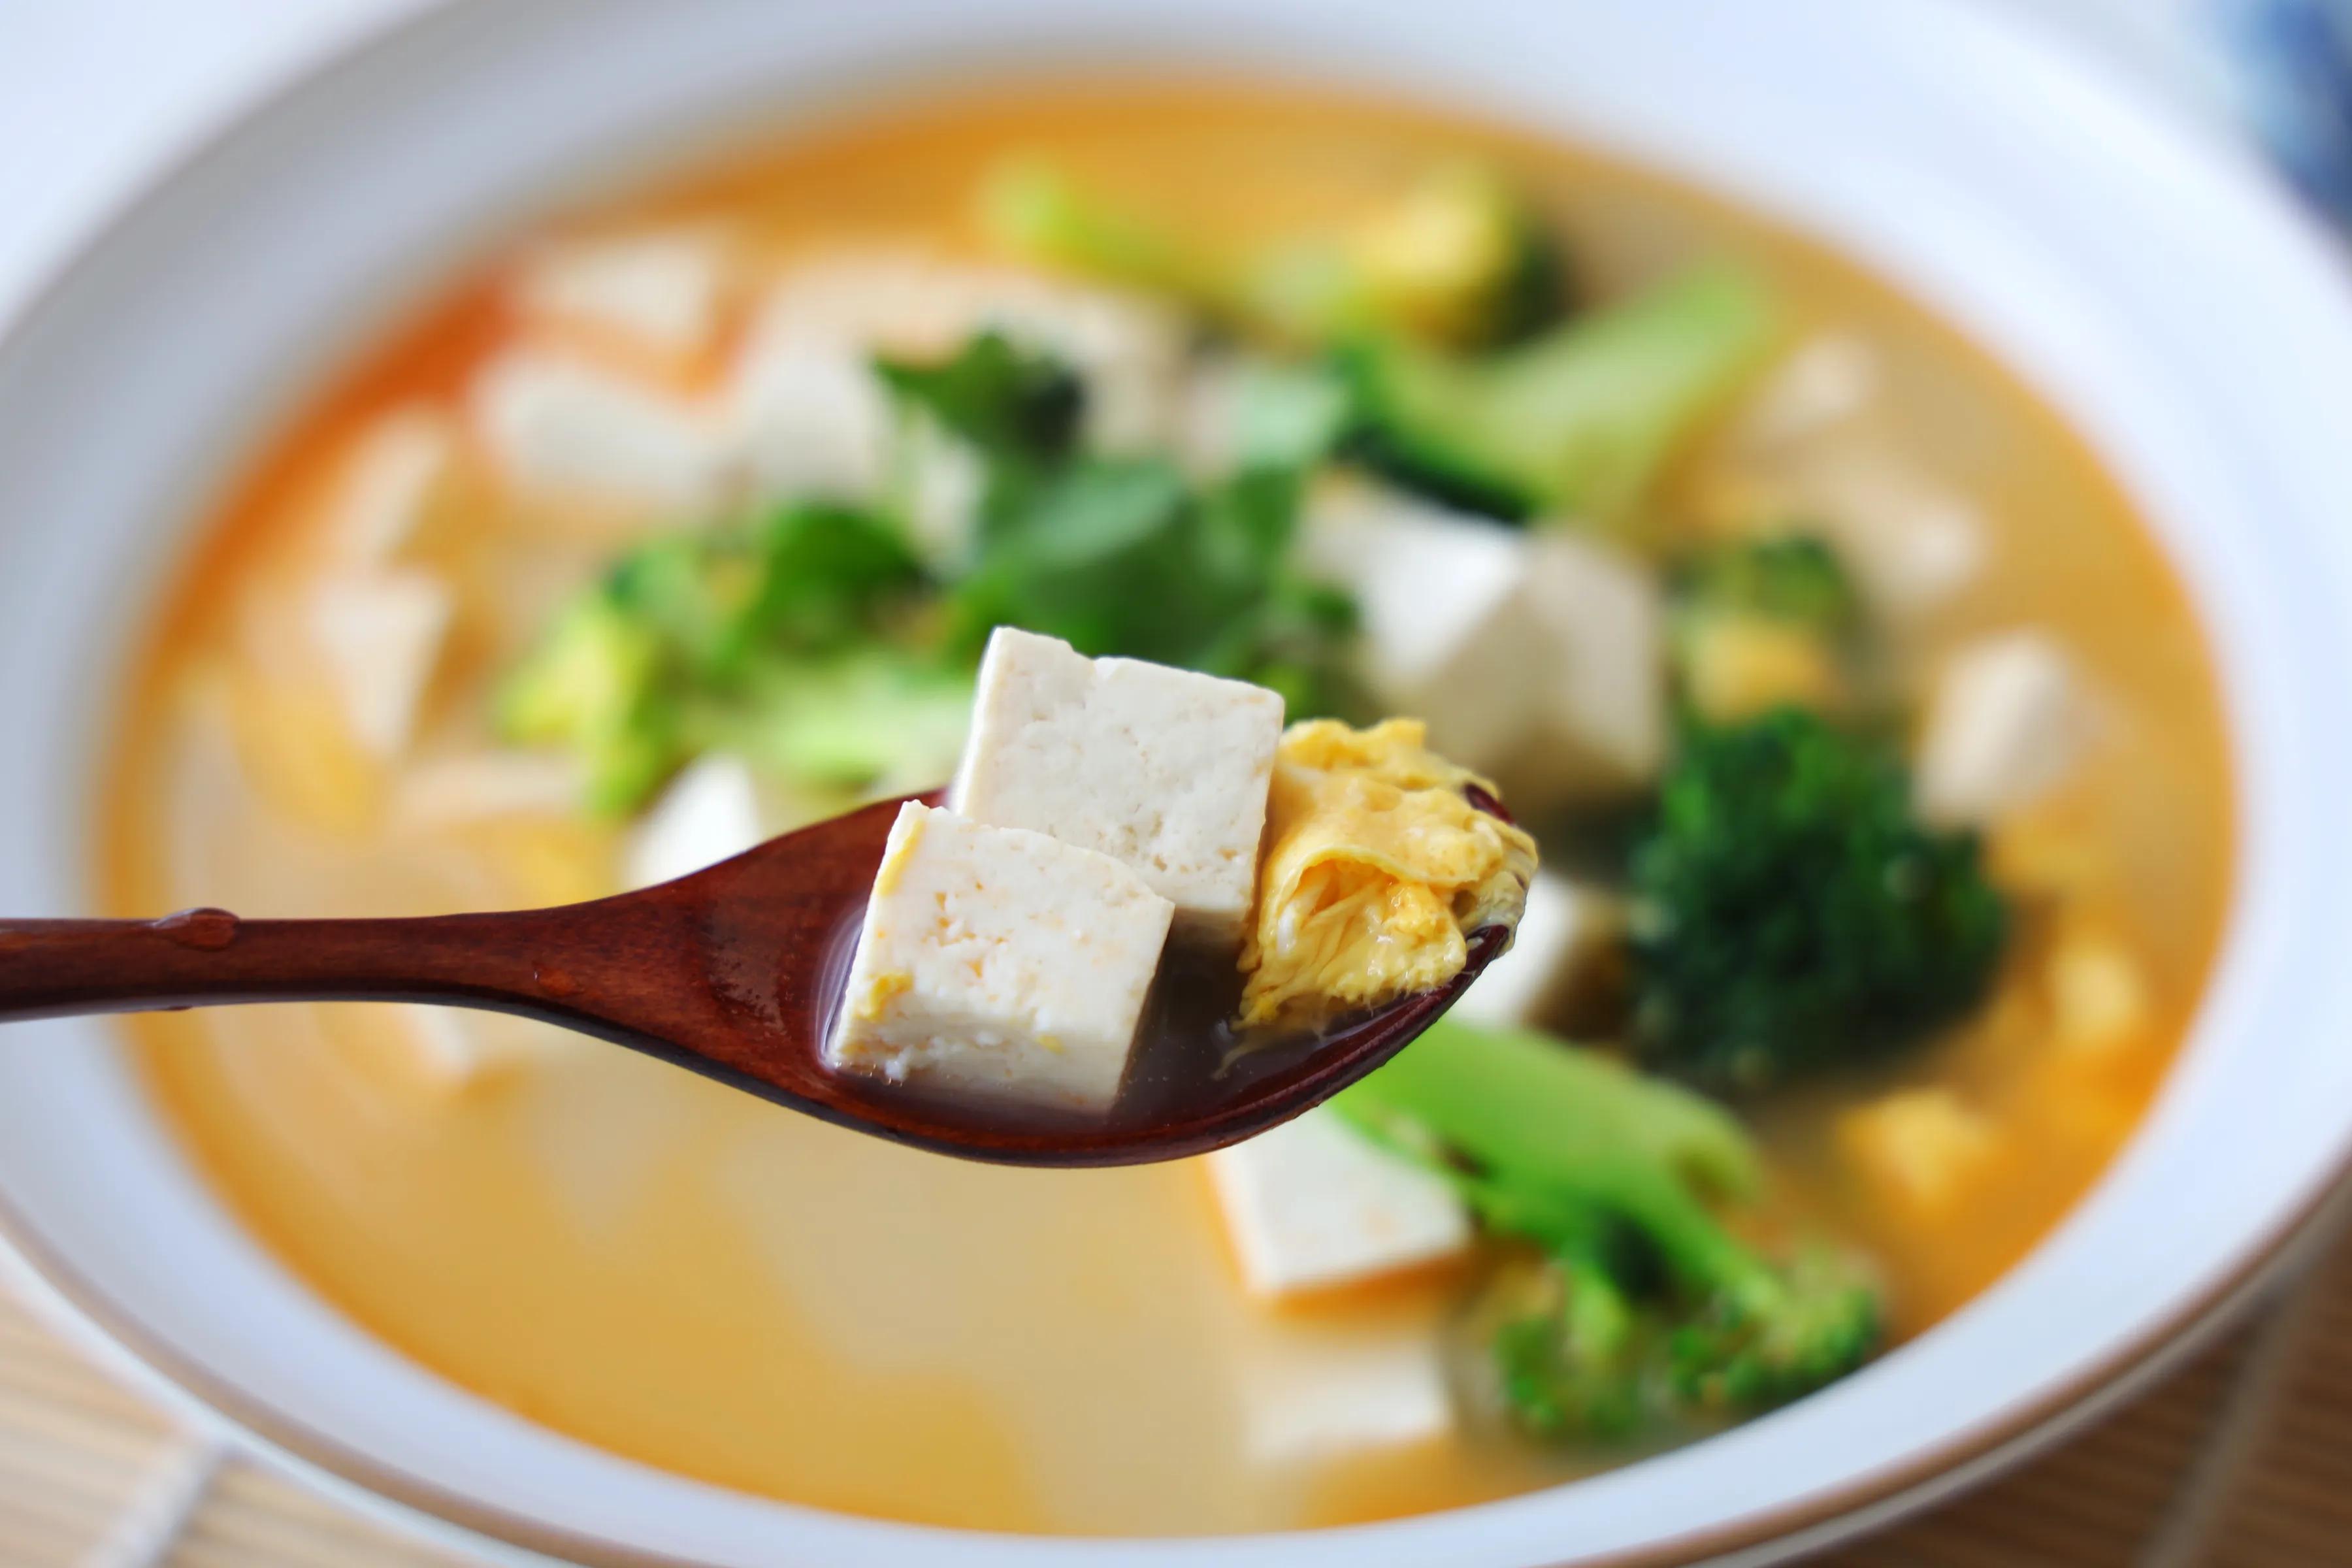 夏至以后,晚餐多喝这样的汤水,清淡鲜美,尤其适合减肥的朋友